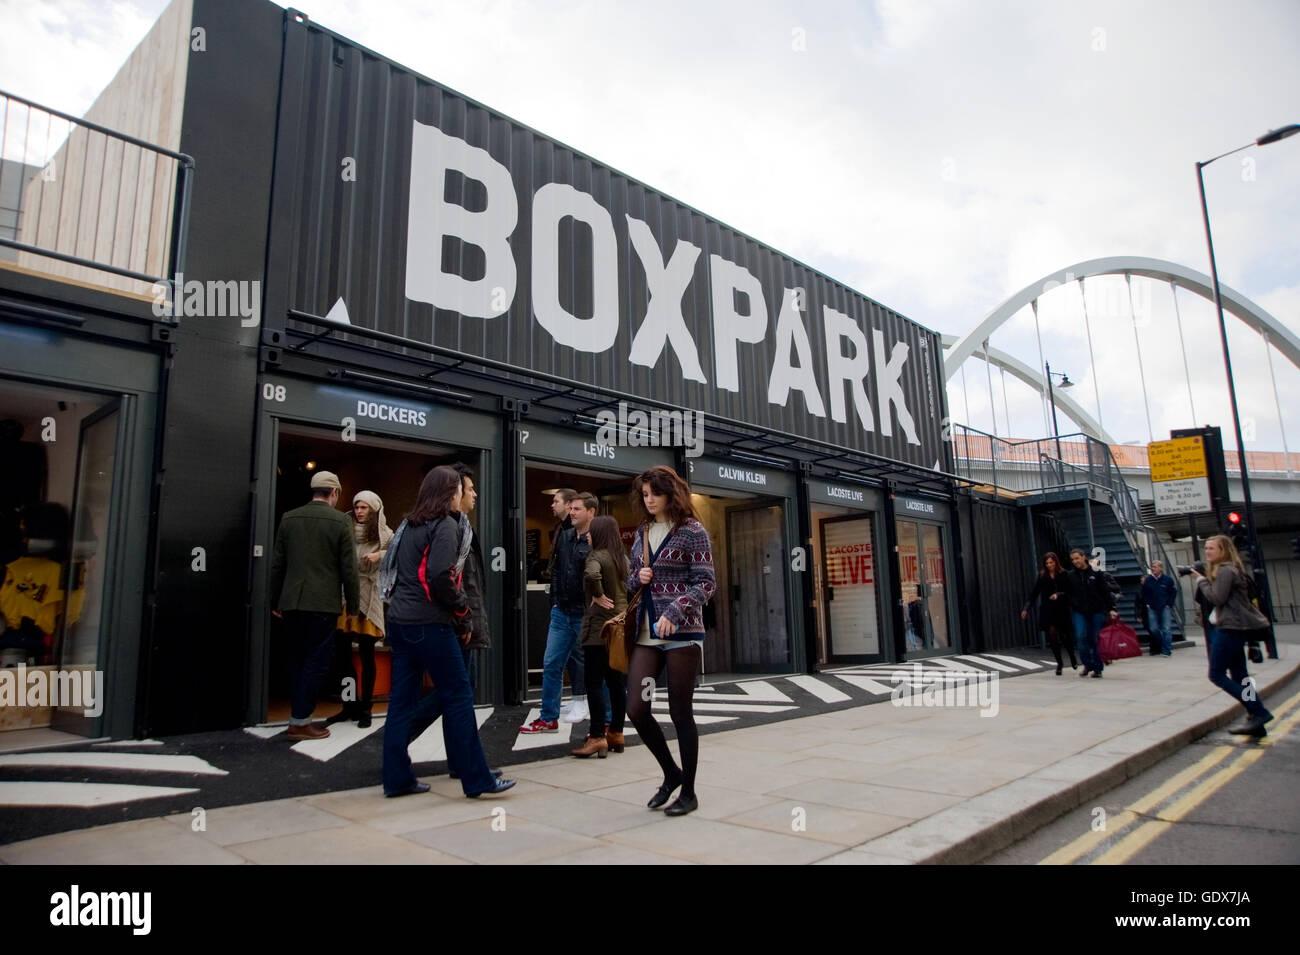 Box Park Shoreditch. è una temporanea Pop-up dello spazio di vendita al dettaglio con un contratto di affitto Immagini Stock